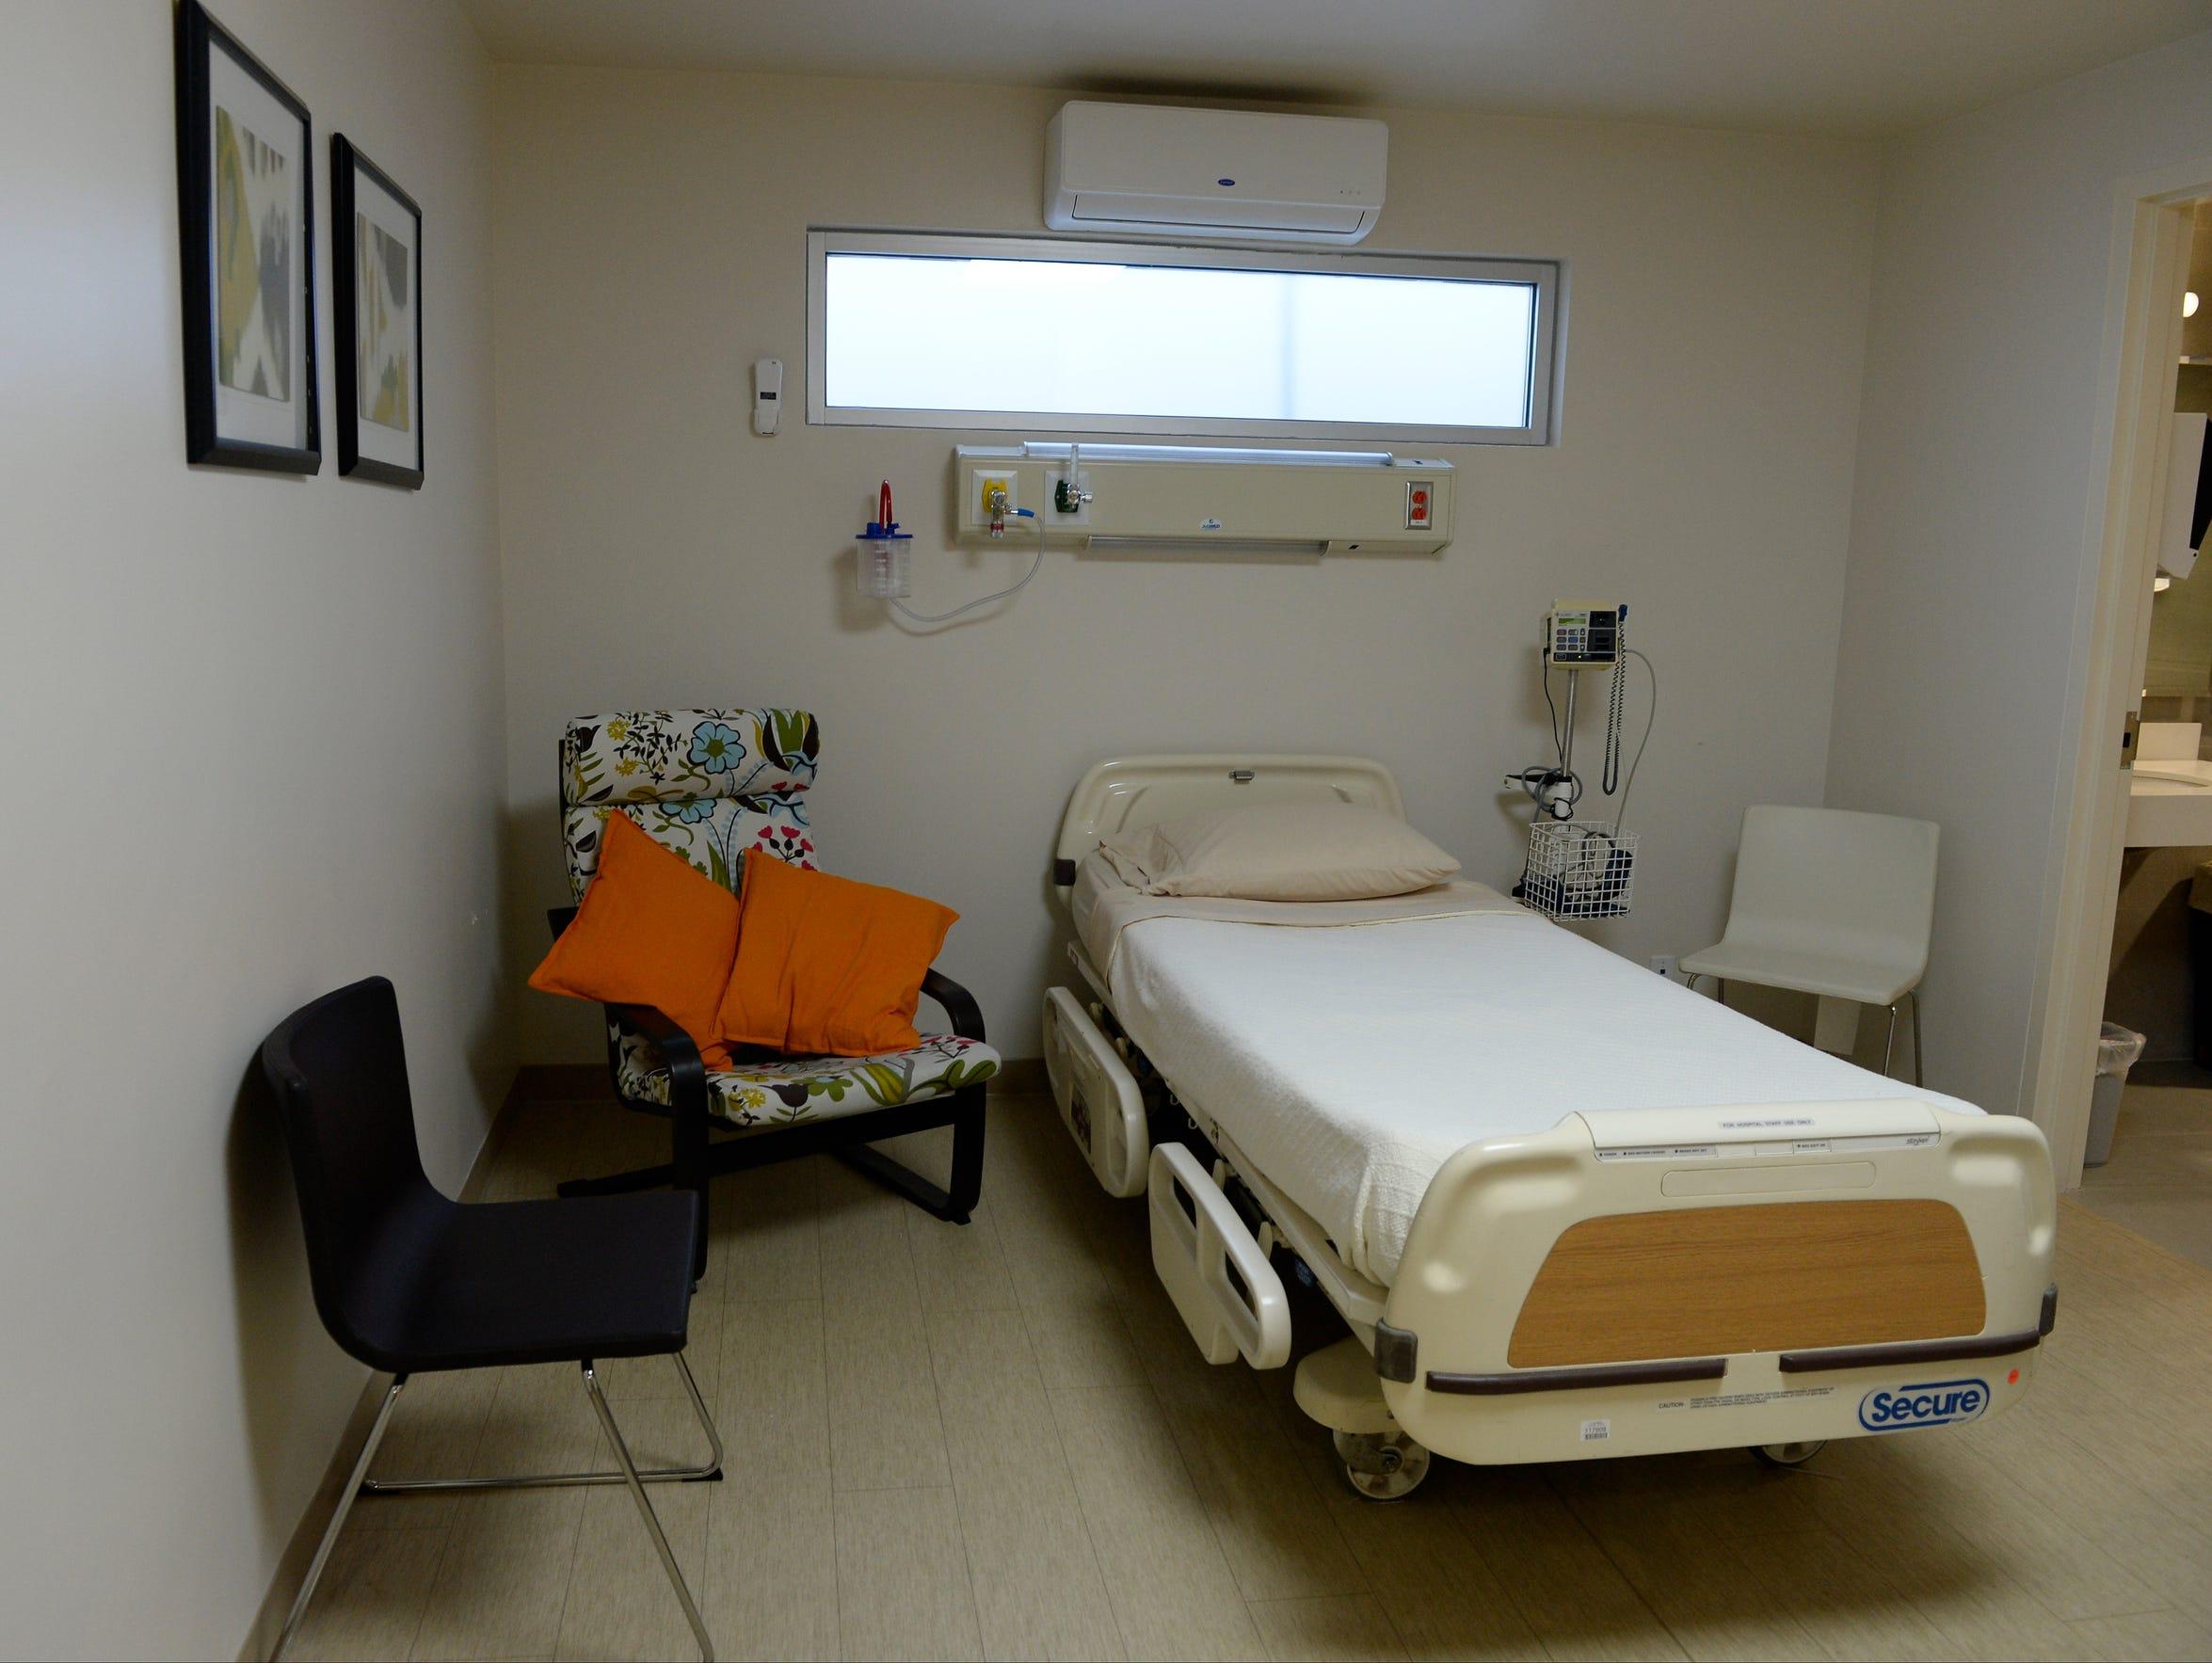 The room where Gordie Howe stayed at Novastem in Tijuana,